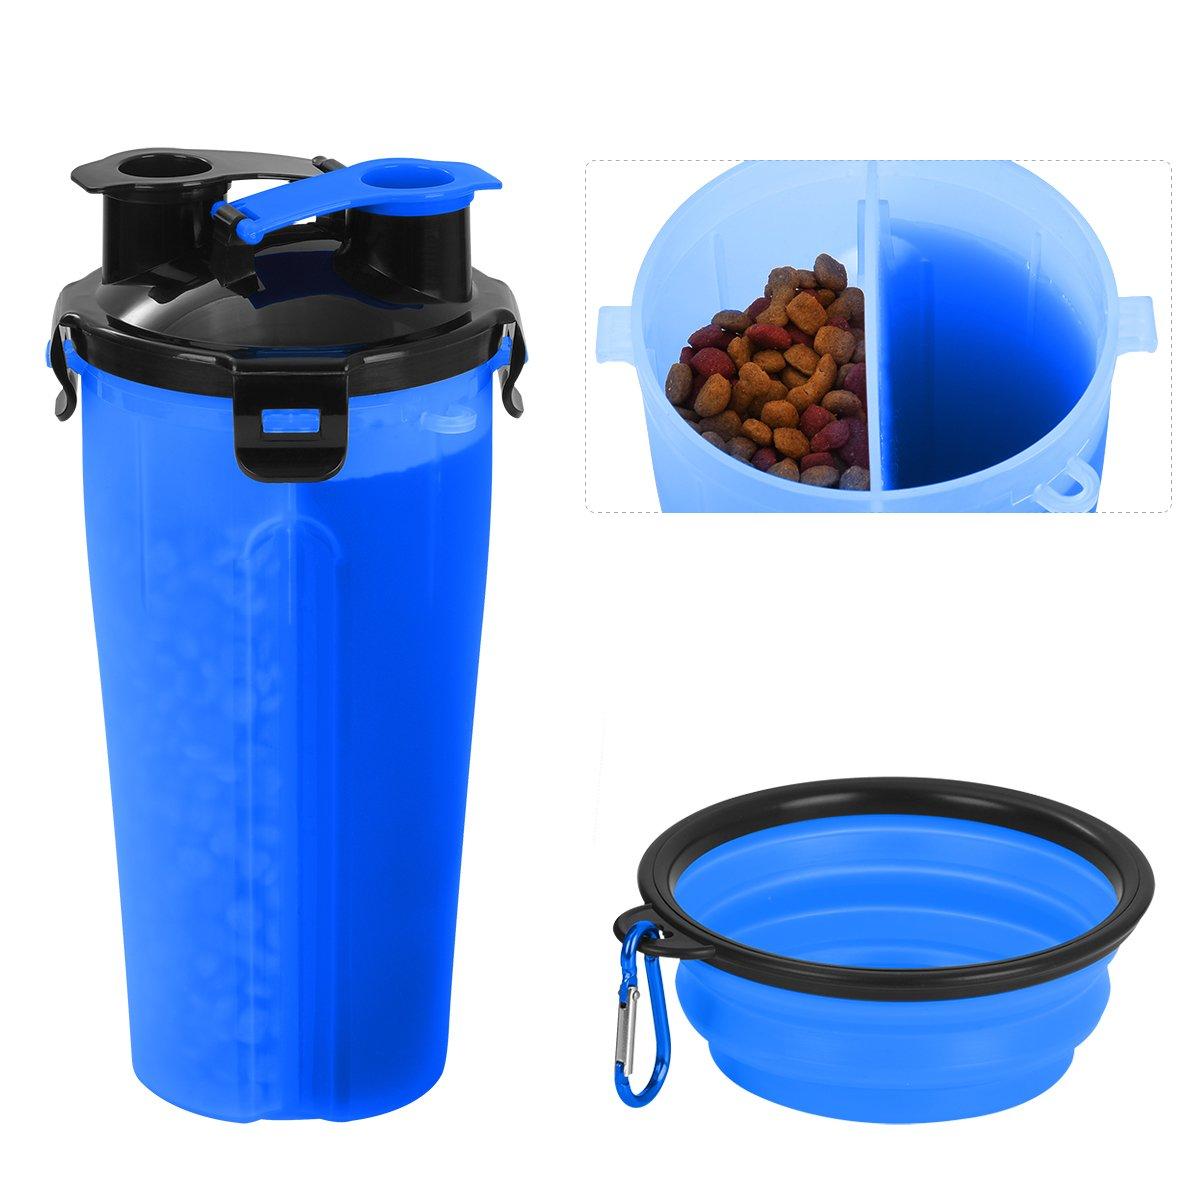 Tyhbelle Hund Trinkflasche unterwegs, Haustier trinkflasche Wasserflaschen 2 Fächer mit Zusammenklappbar Schüssel Reisenäpfe für Outdoor Reise Haustier Wasserflasche weiss